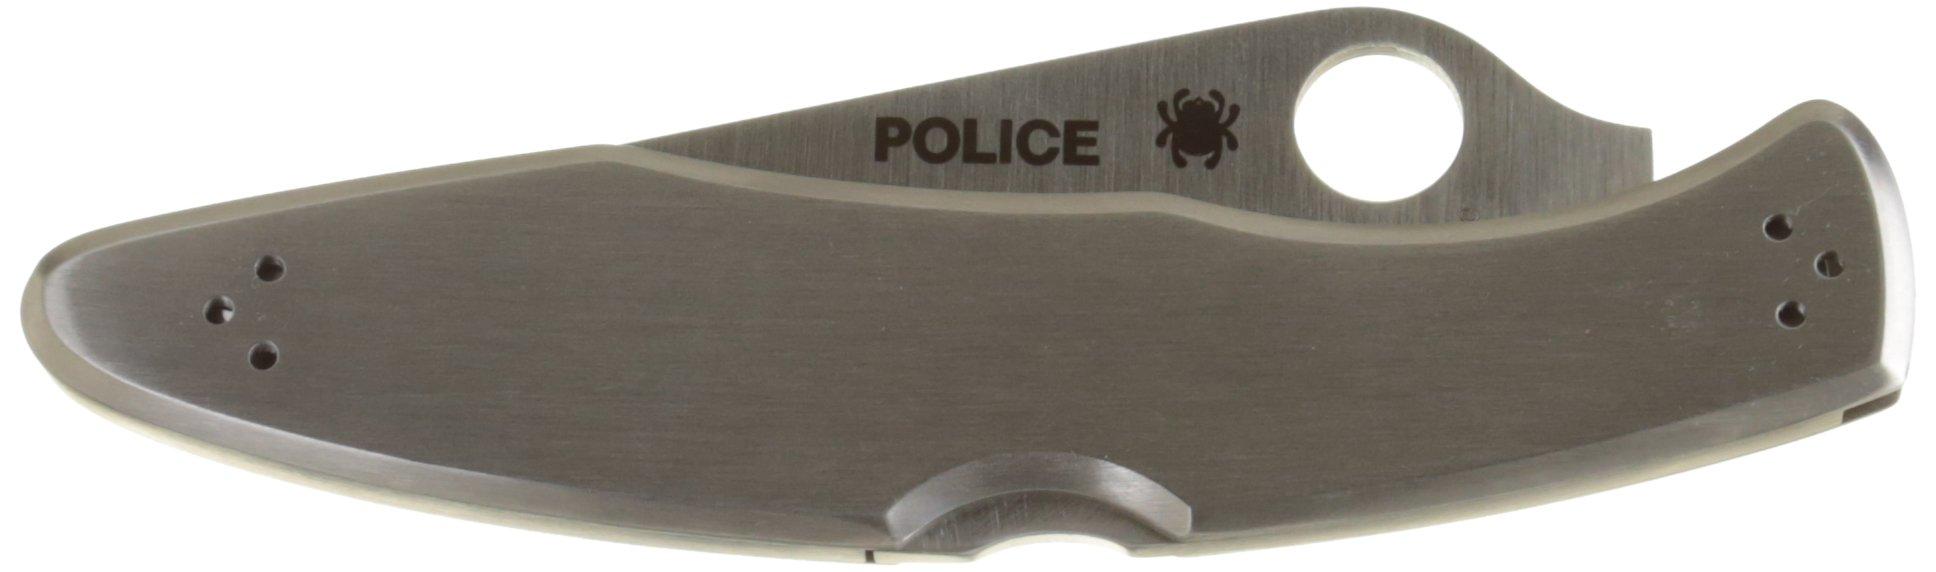 Spyderco C07S Police Model Knife